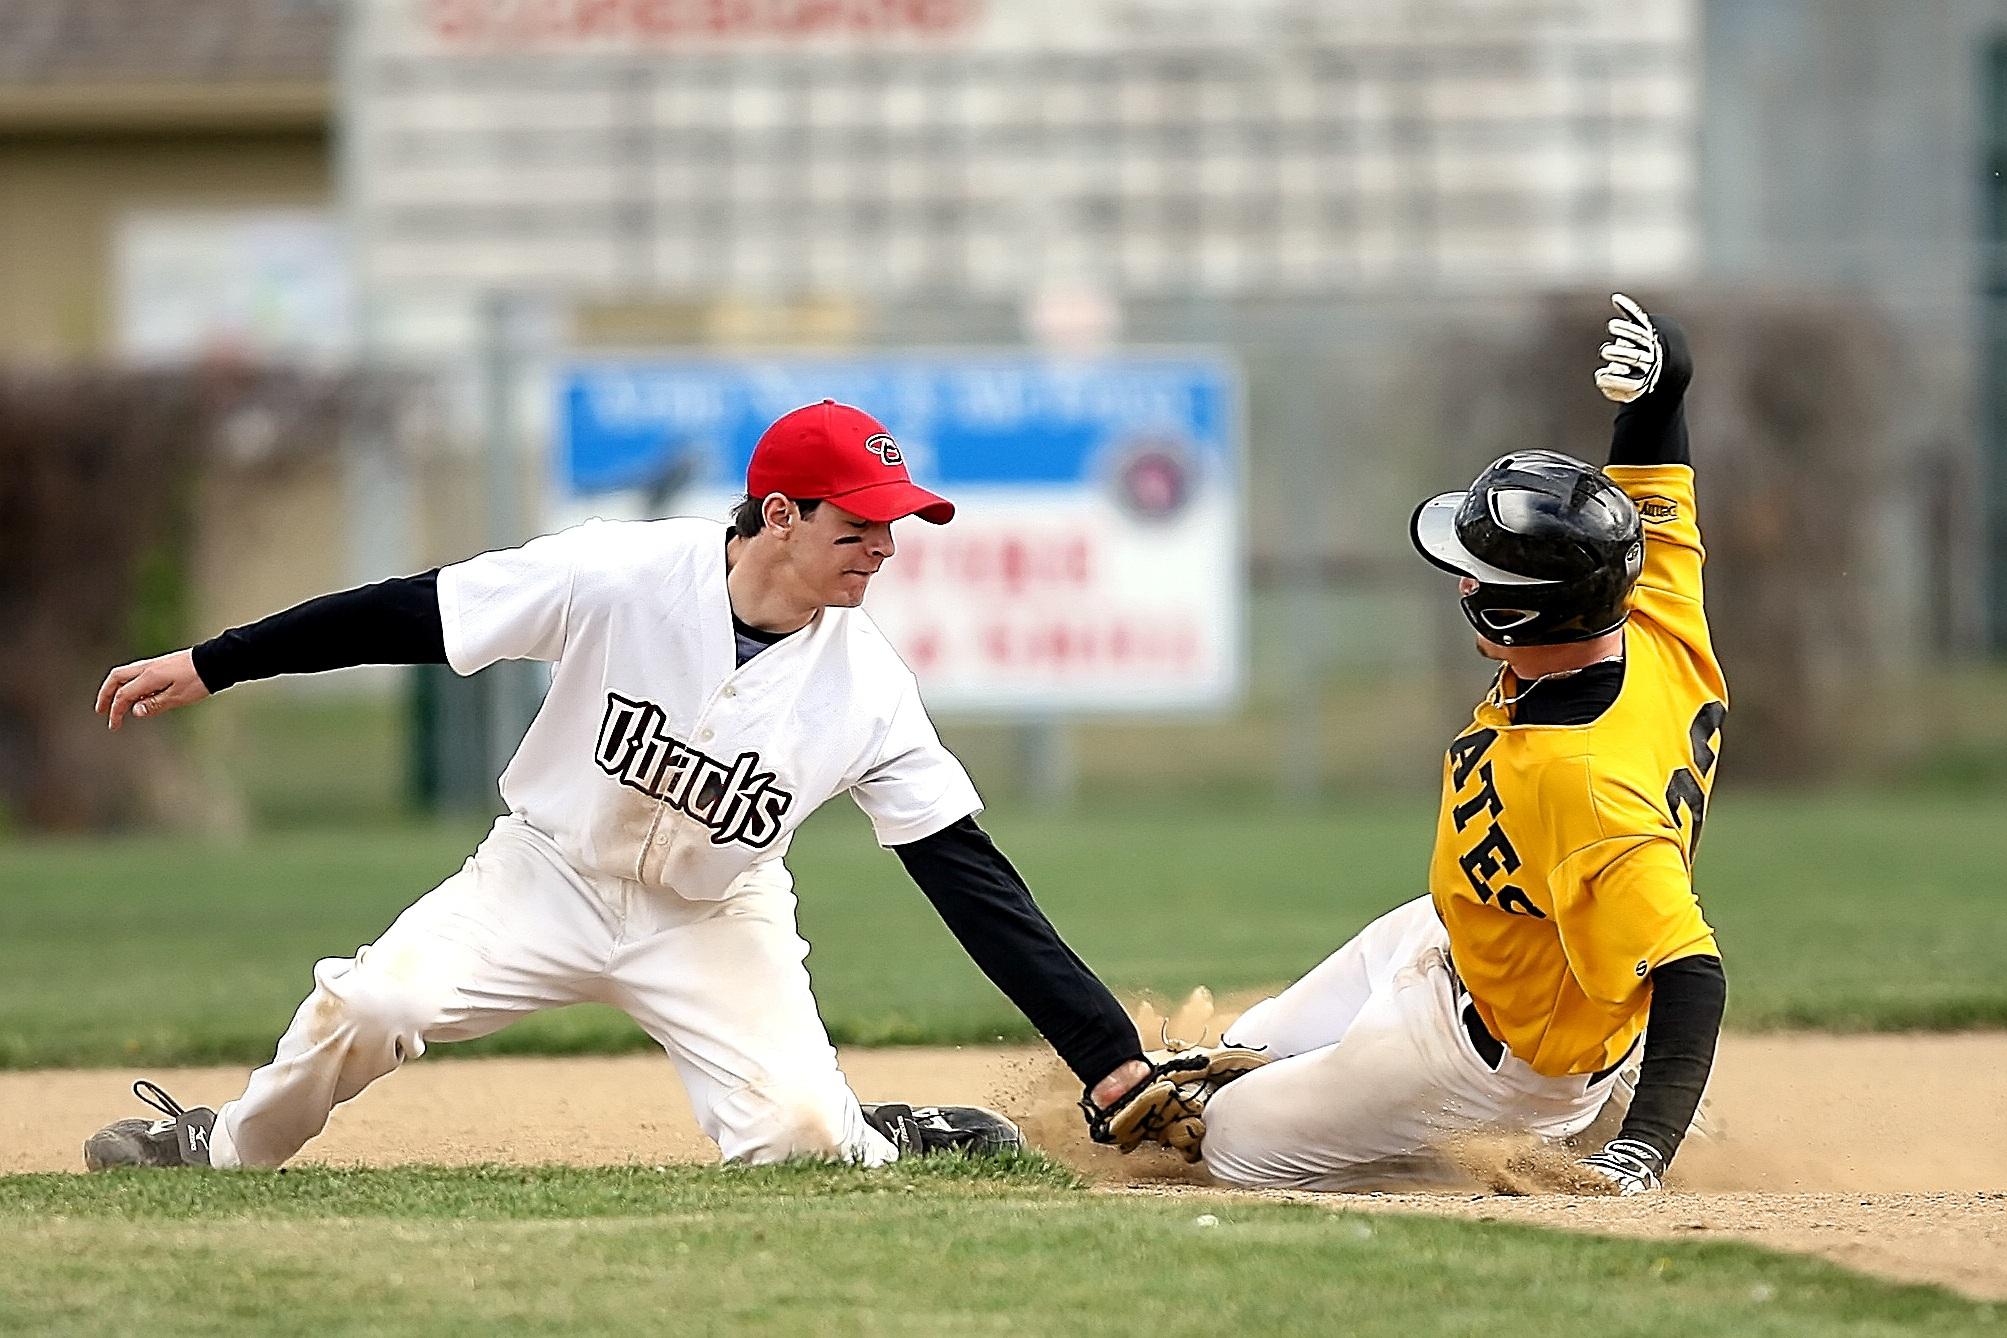 Baseball Player Wearing Blue And White Jersey Catching Baseball Free Stock Photo